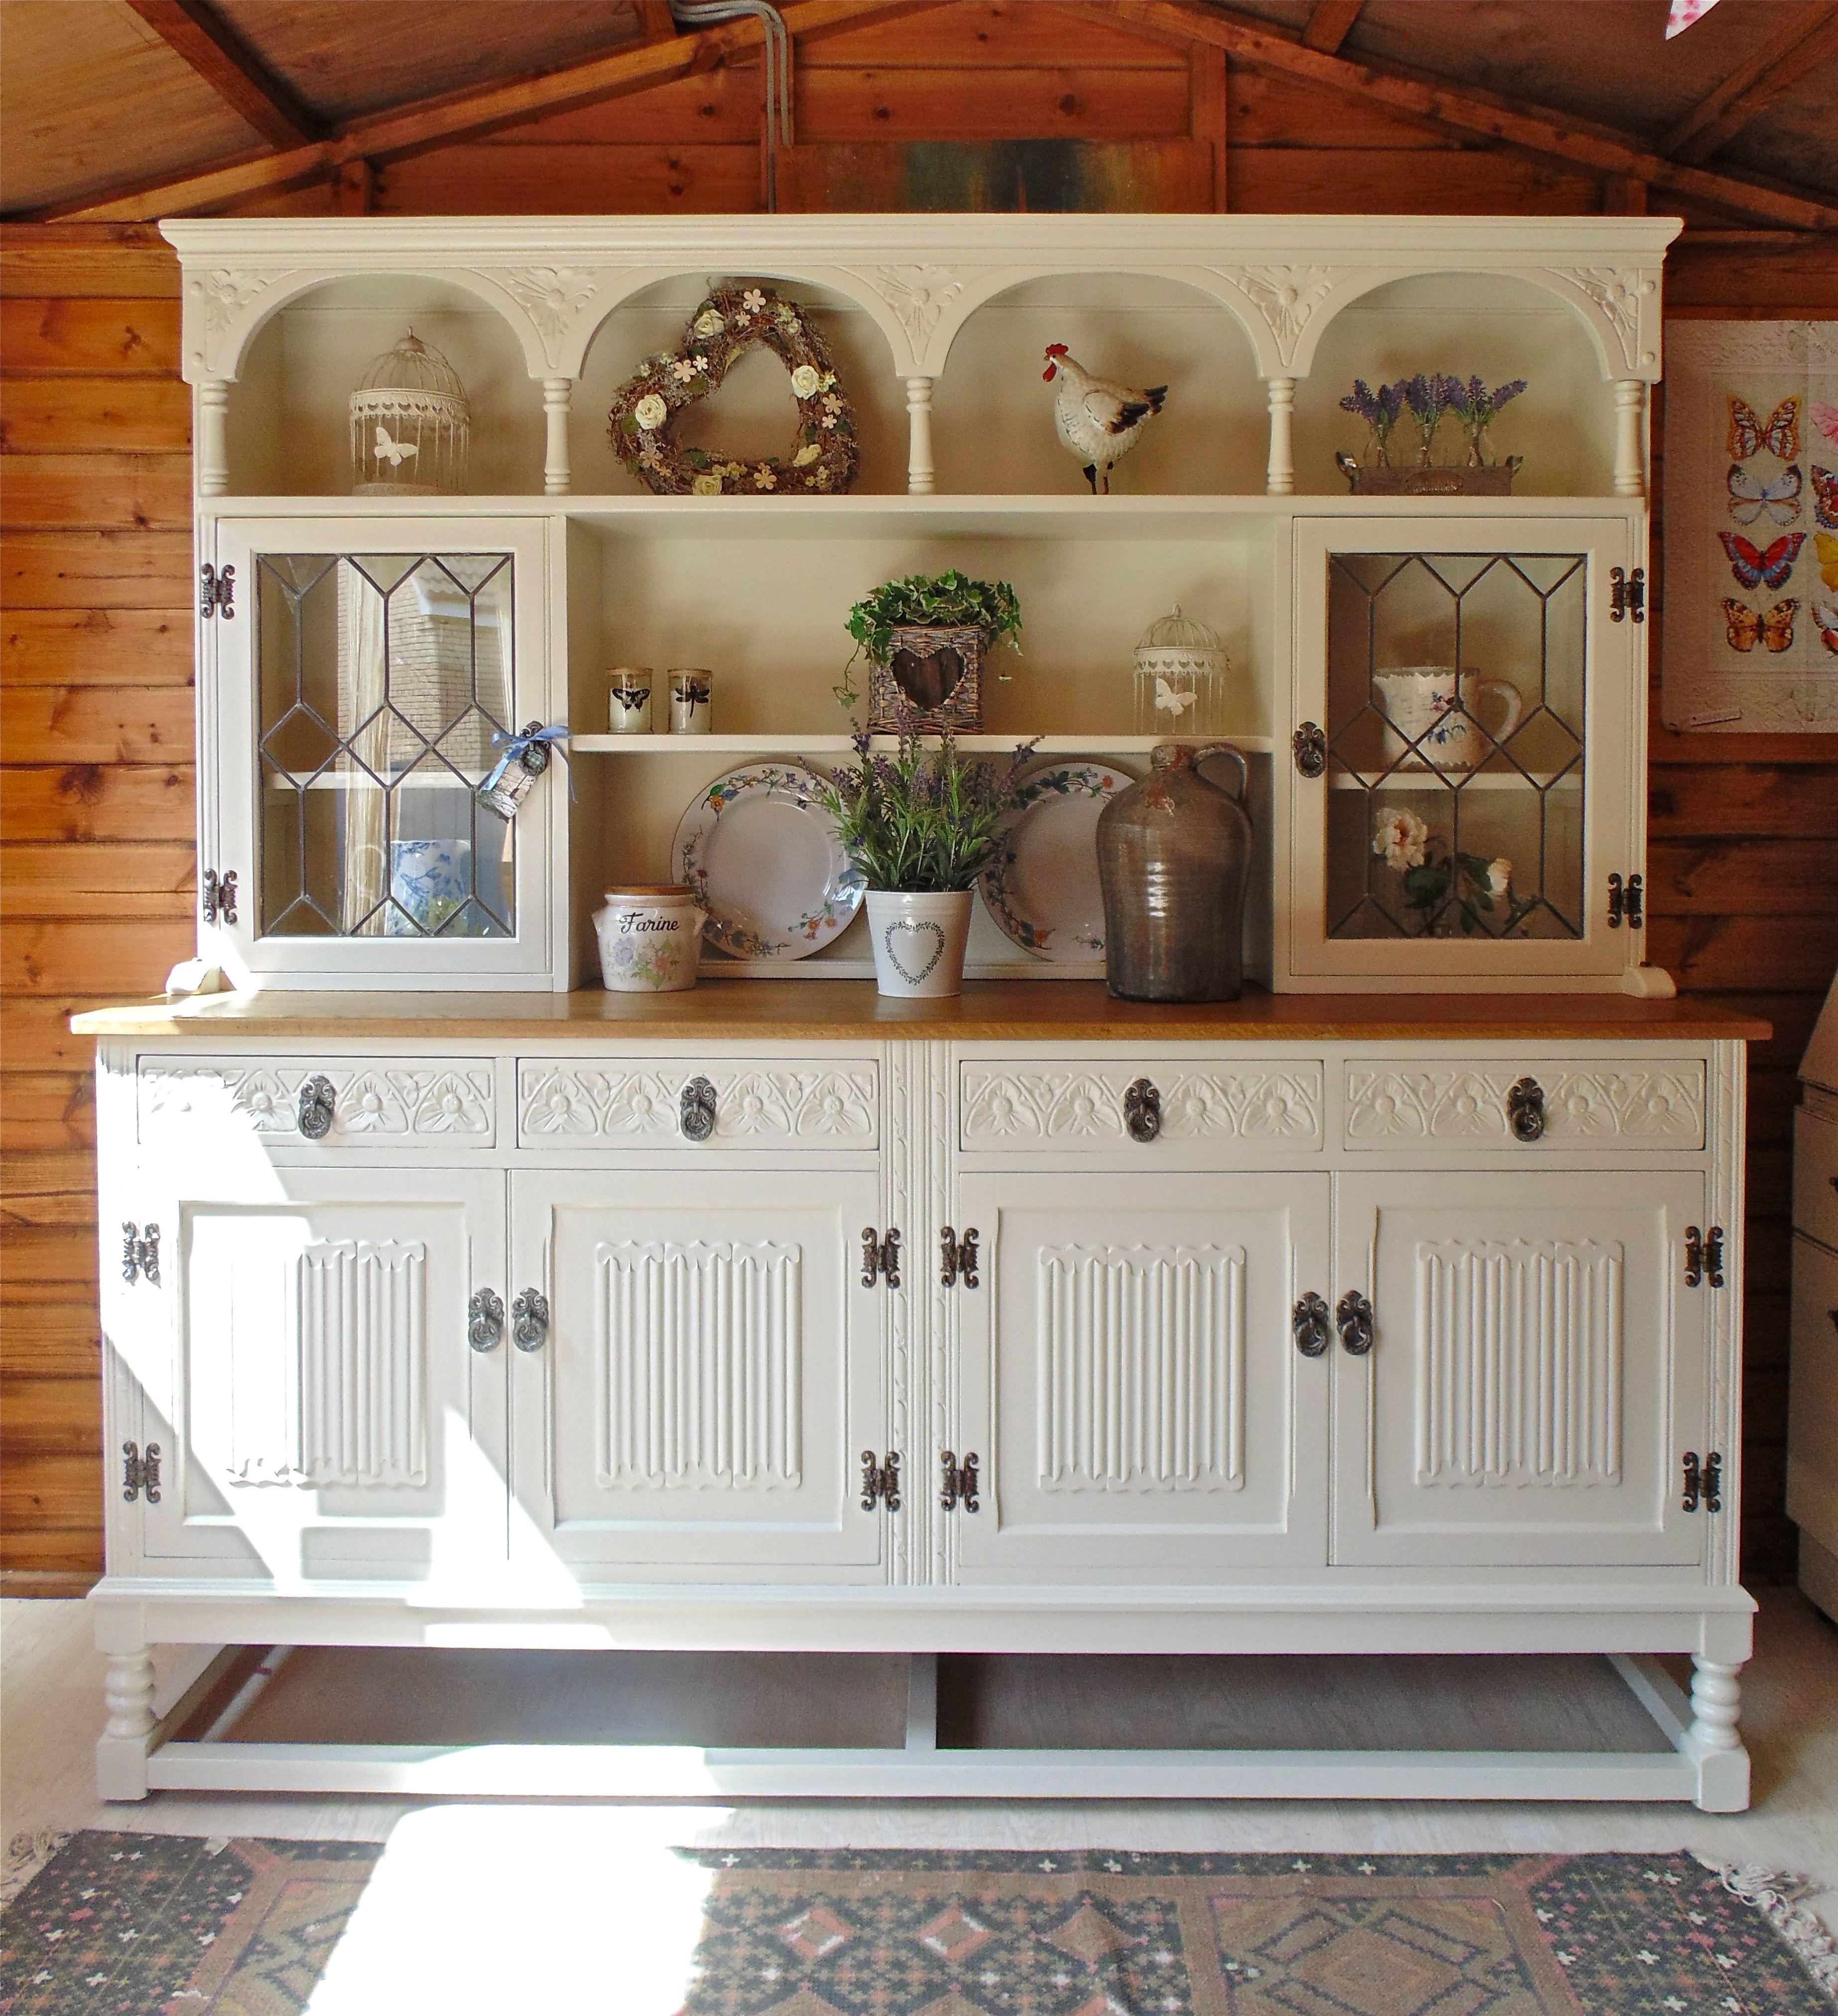 Preloved Bedroom Furniture Large Old Charm Linenfold Rose Dresser Given A New Lease Of Life